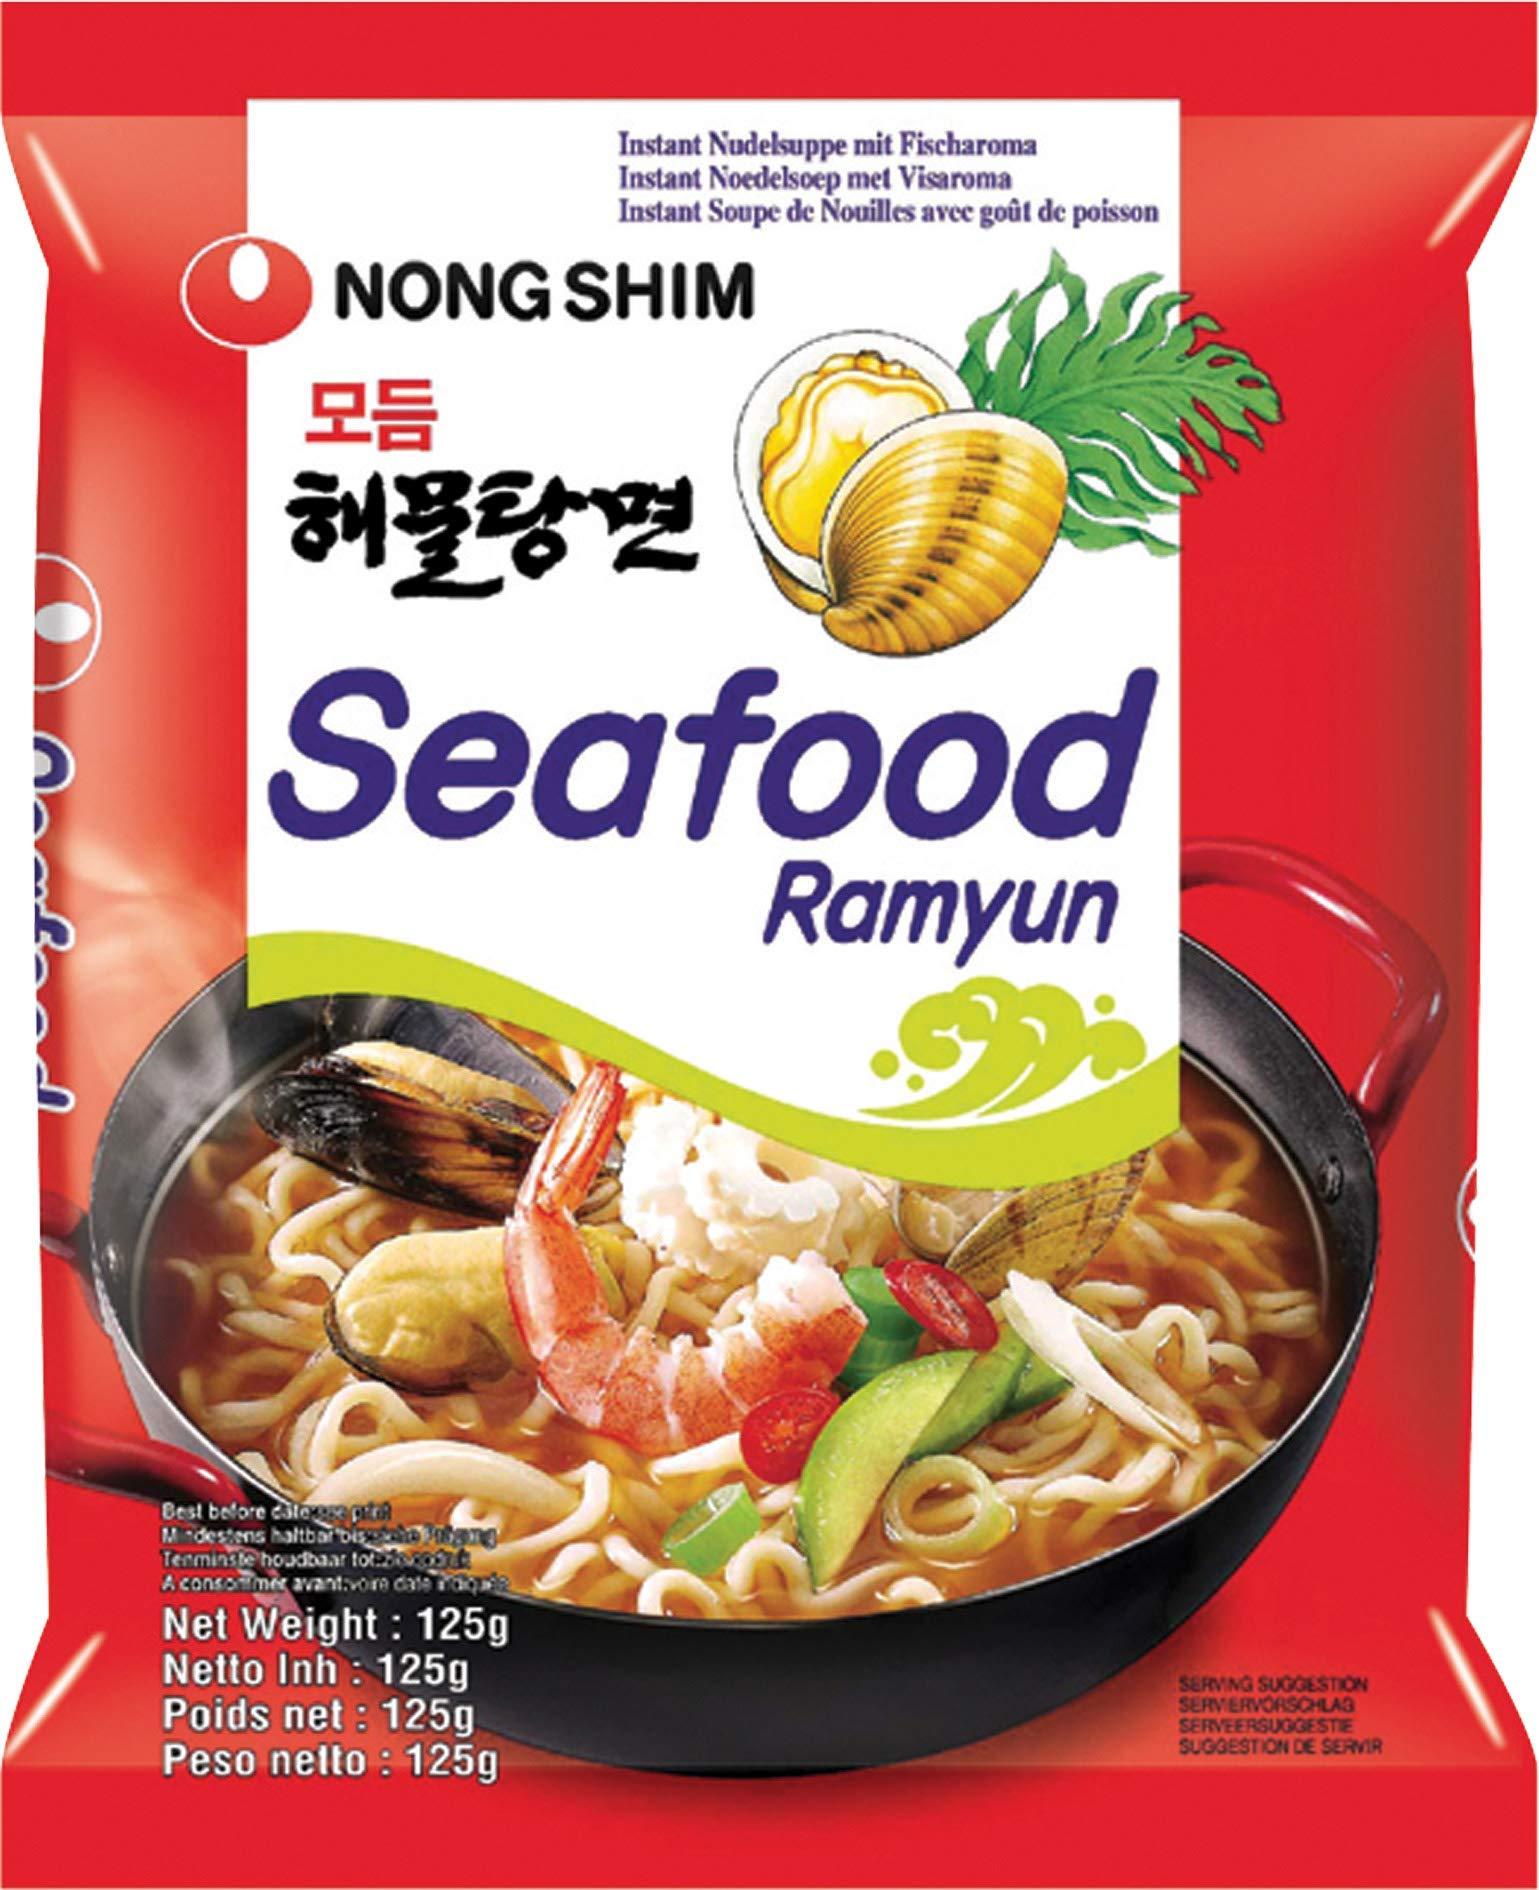 Nhãn hiệu mì ăn liền của hãng Nongshim có xuất xứ từ Hàn Quốc bị phát hiện có chưa chất cấm ethylene oxide tại EU